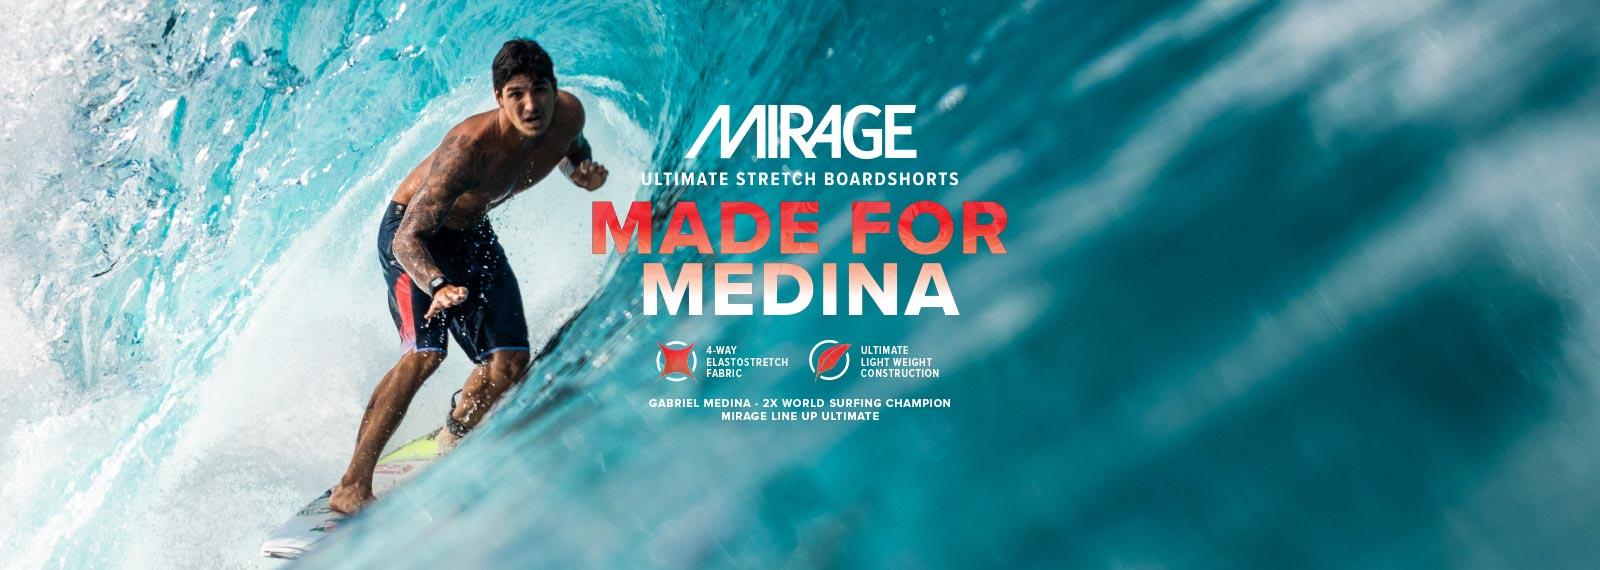 20-MIRAGE-GMA-1600x570-1-0d15e780-2925-4d0c-89f4-42e3d92ace16